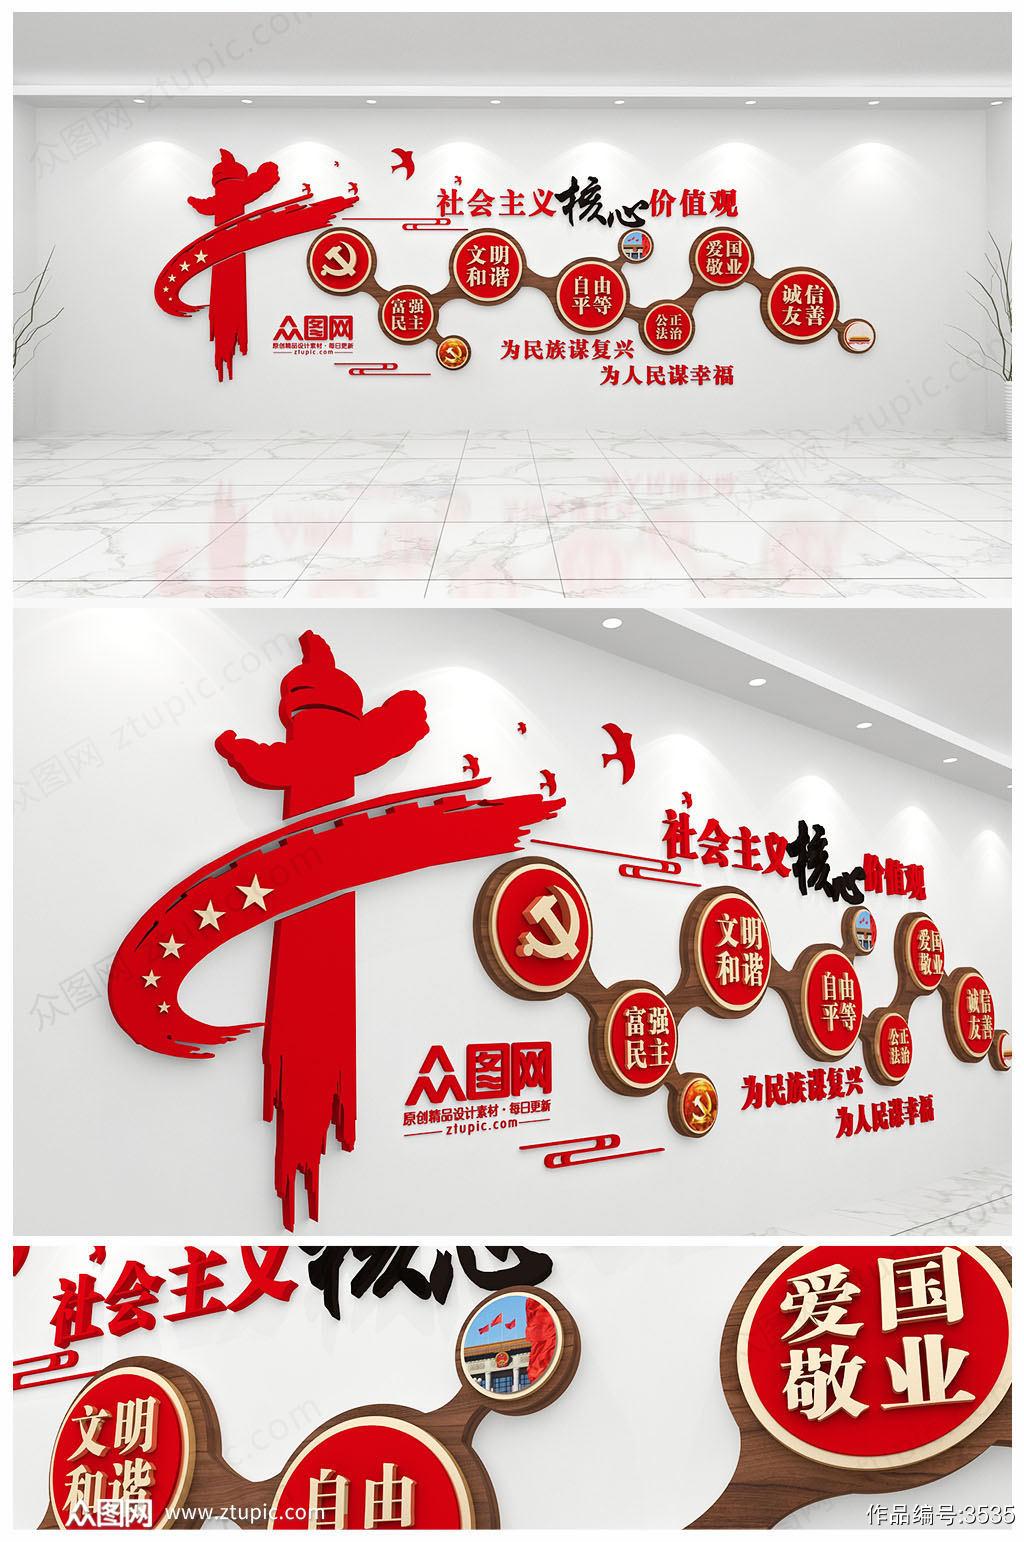 社会主义核心价值观文化党建文化墙设计素材